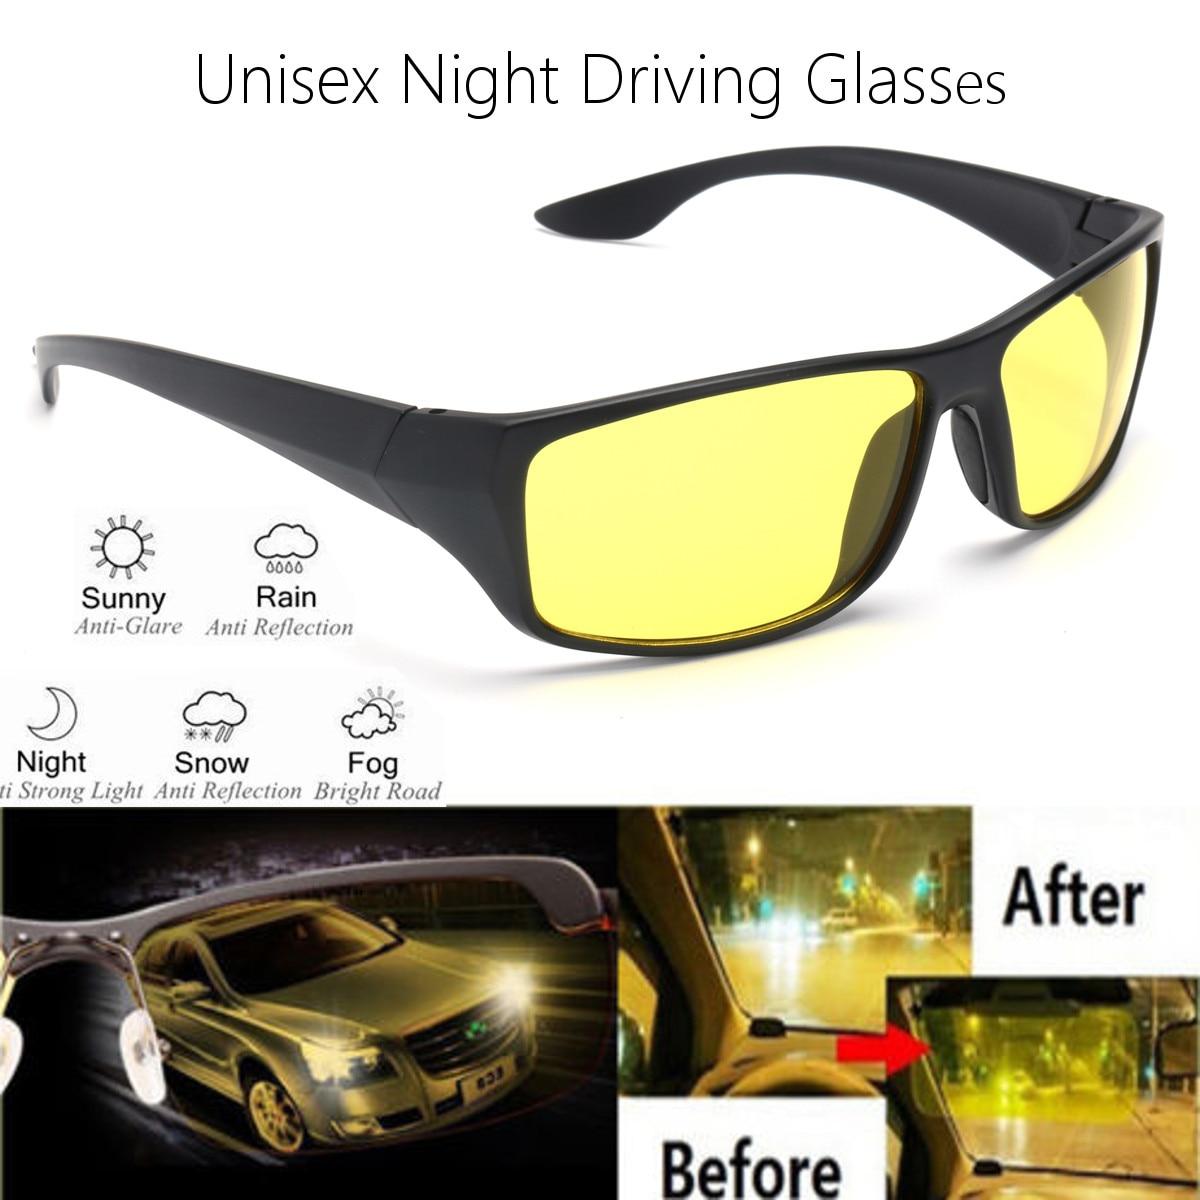 Новые солнцезащитные очки ночного видения, мужские Модные поляризованные очки для ночного вождения, улучшенный светильник, очки